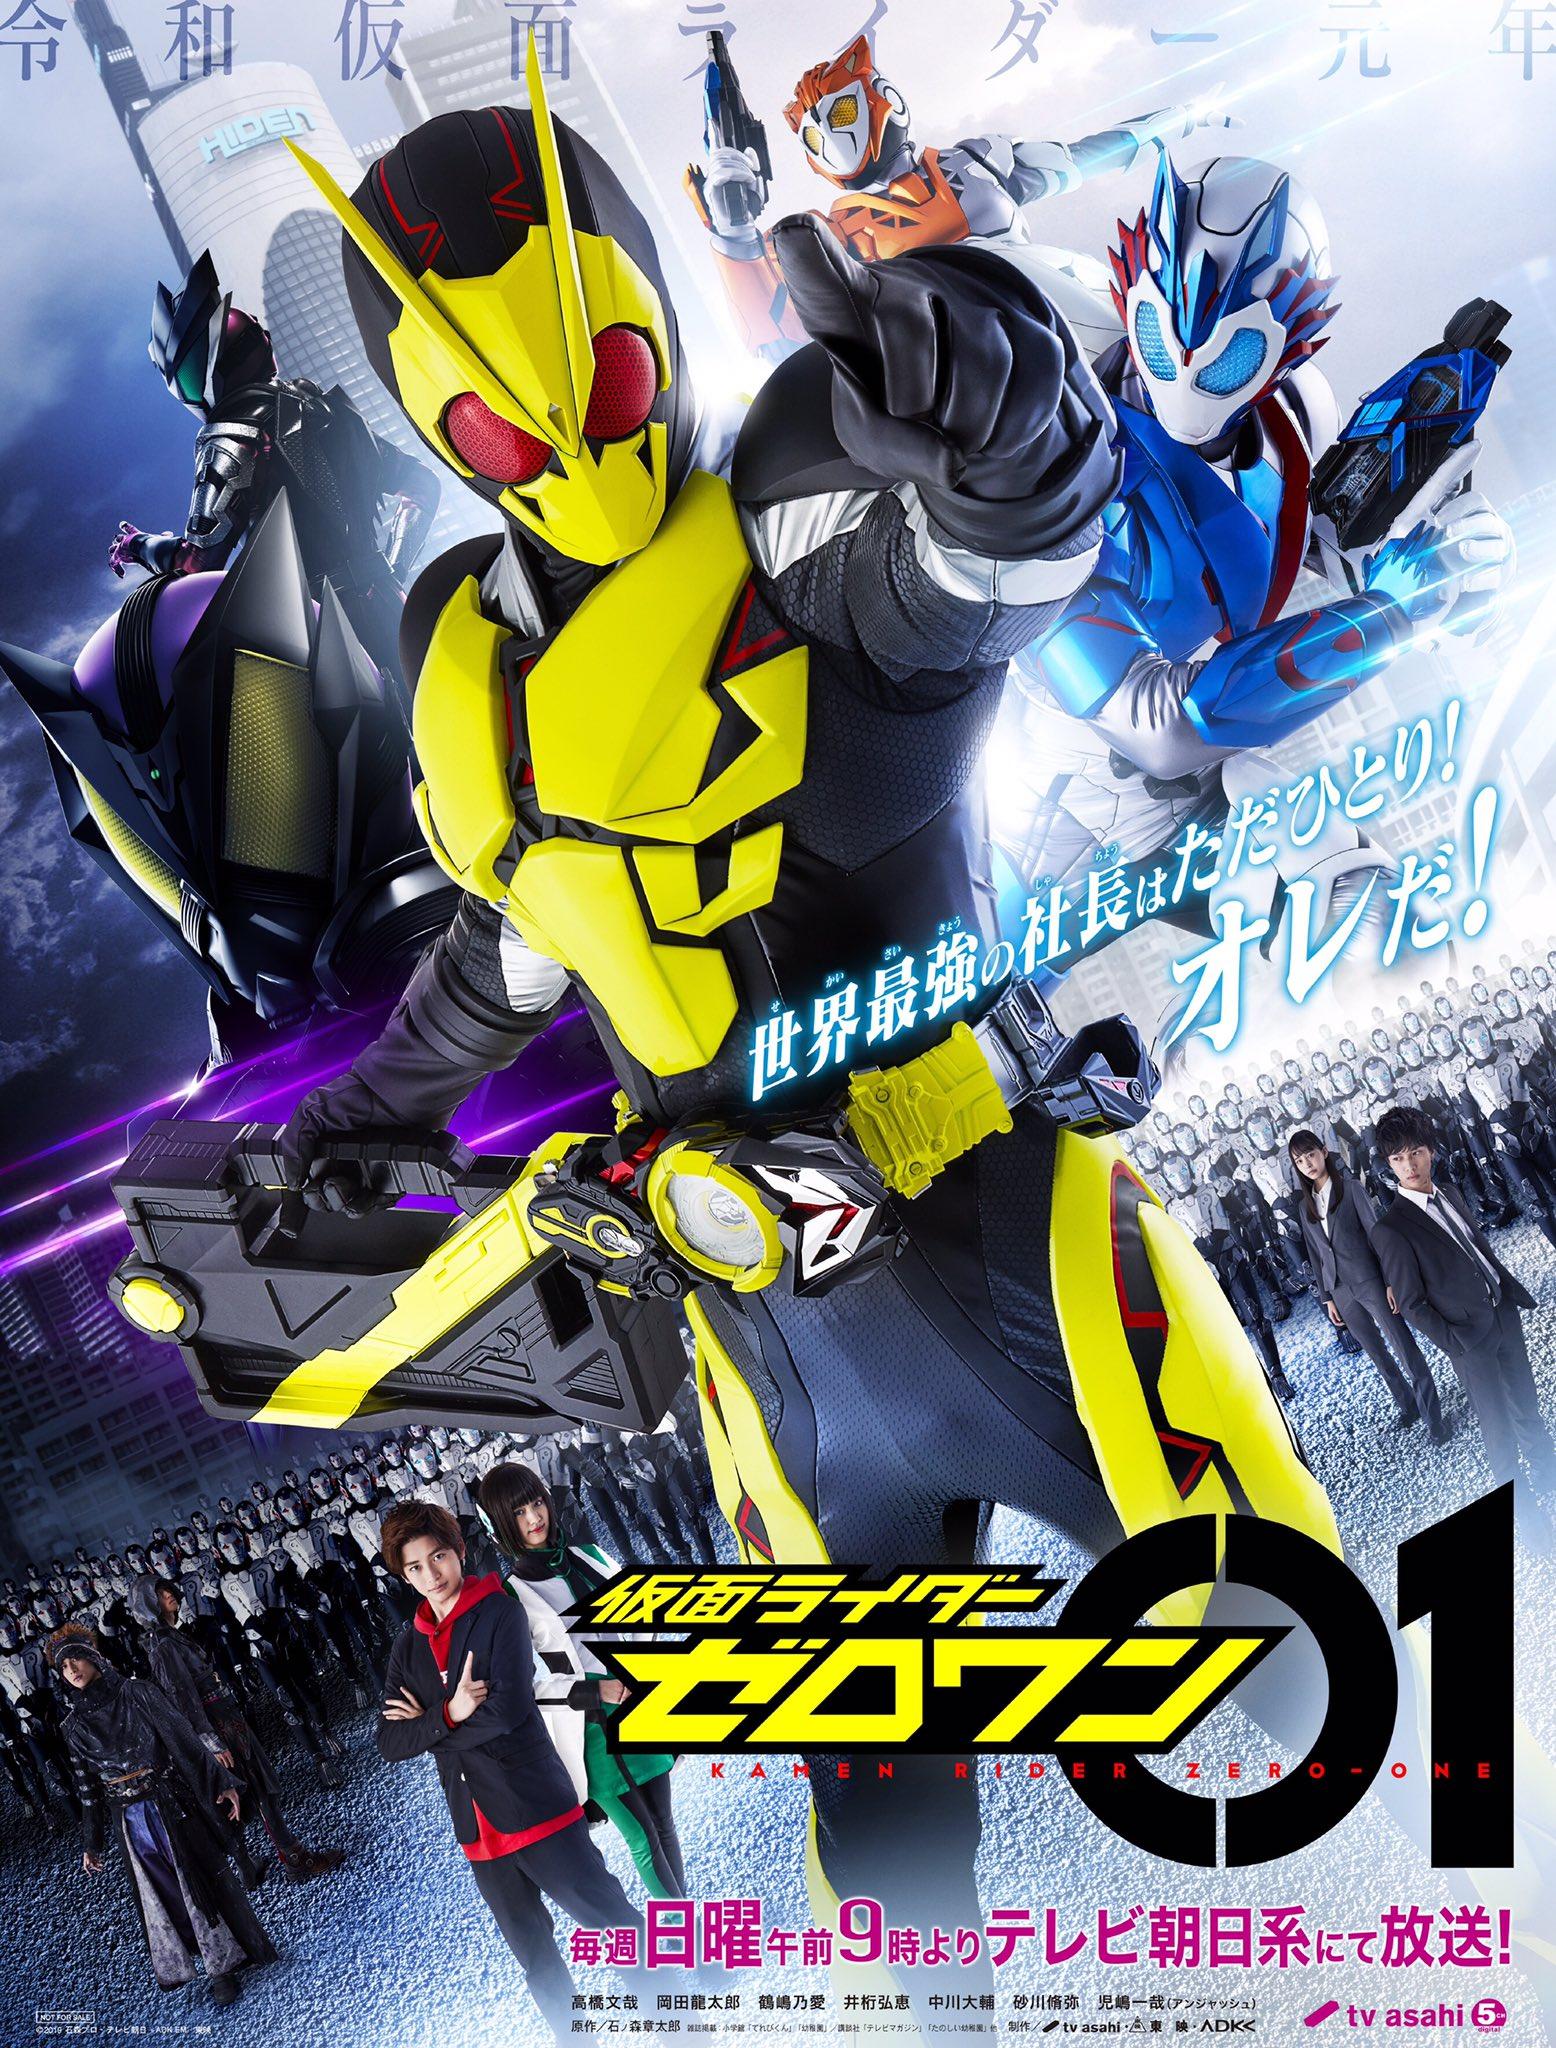 Kamen Rider Zero One Kamen Rider Wiki Fandom